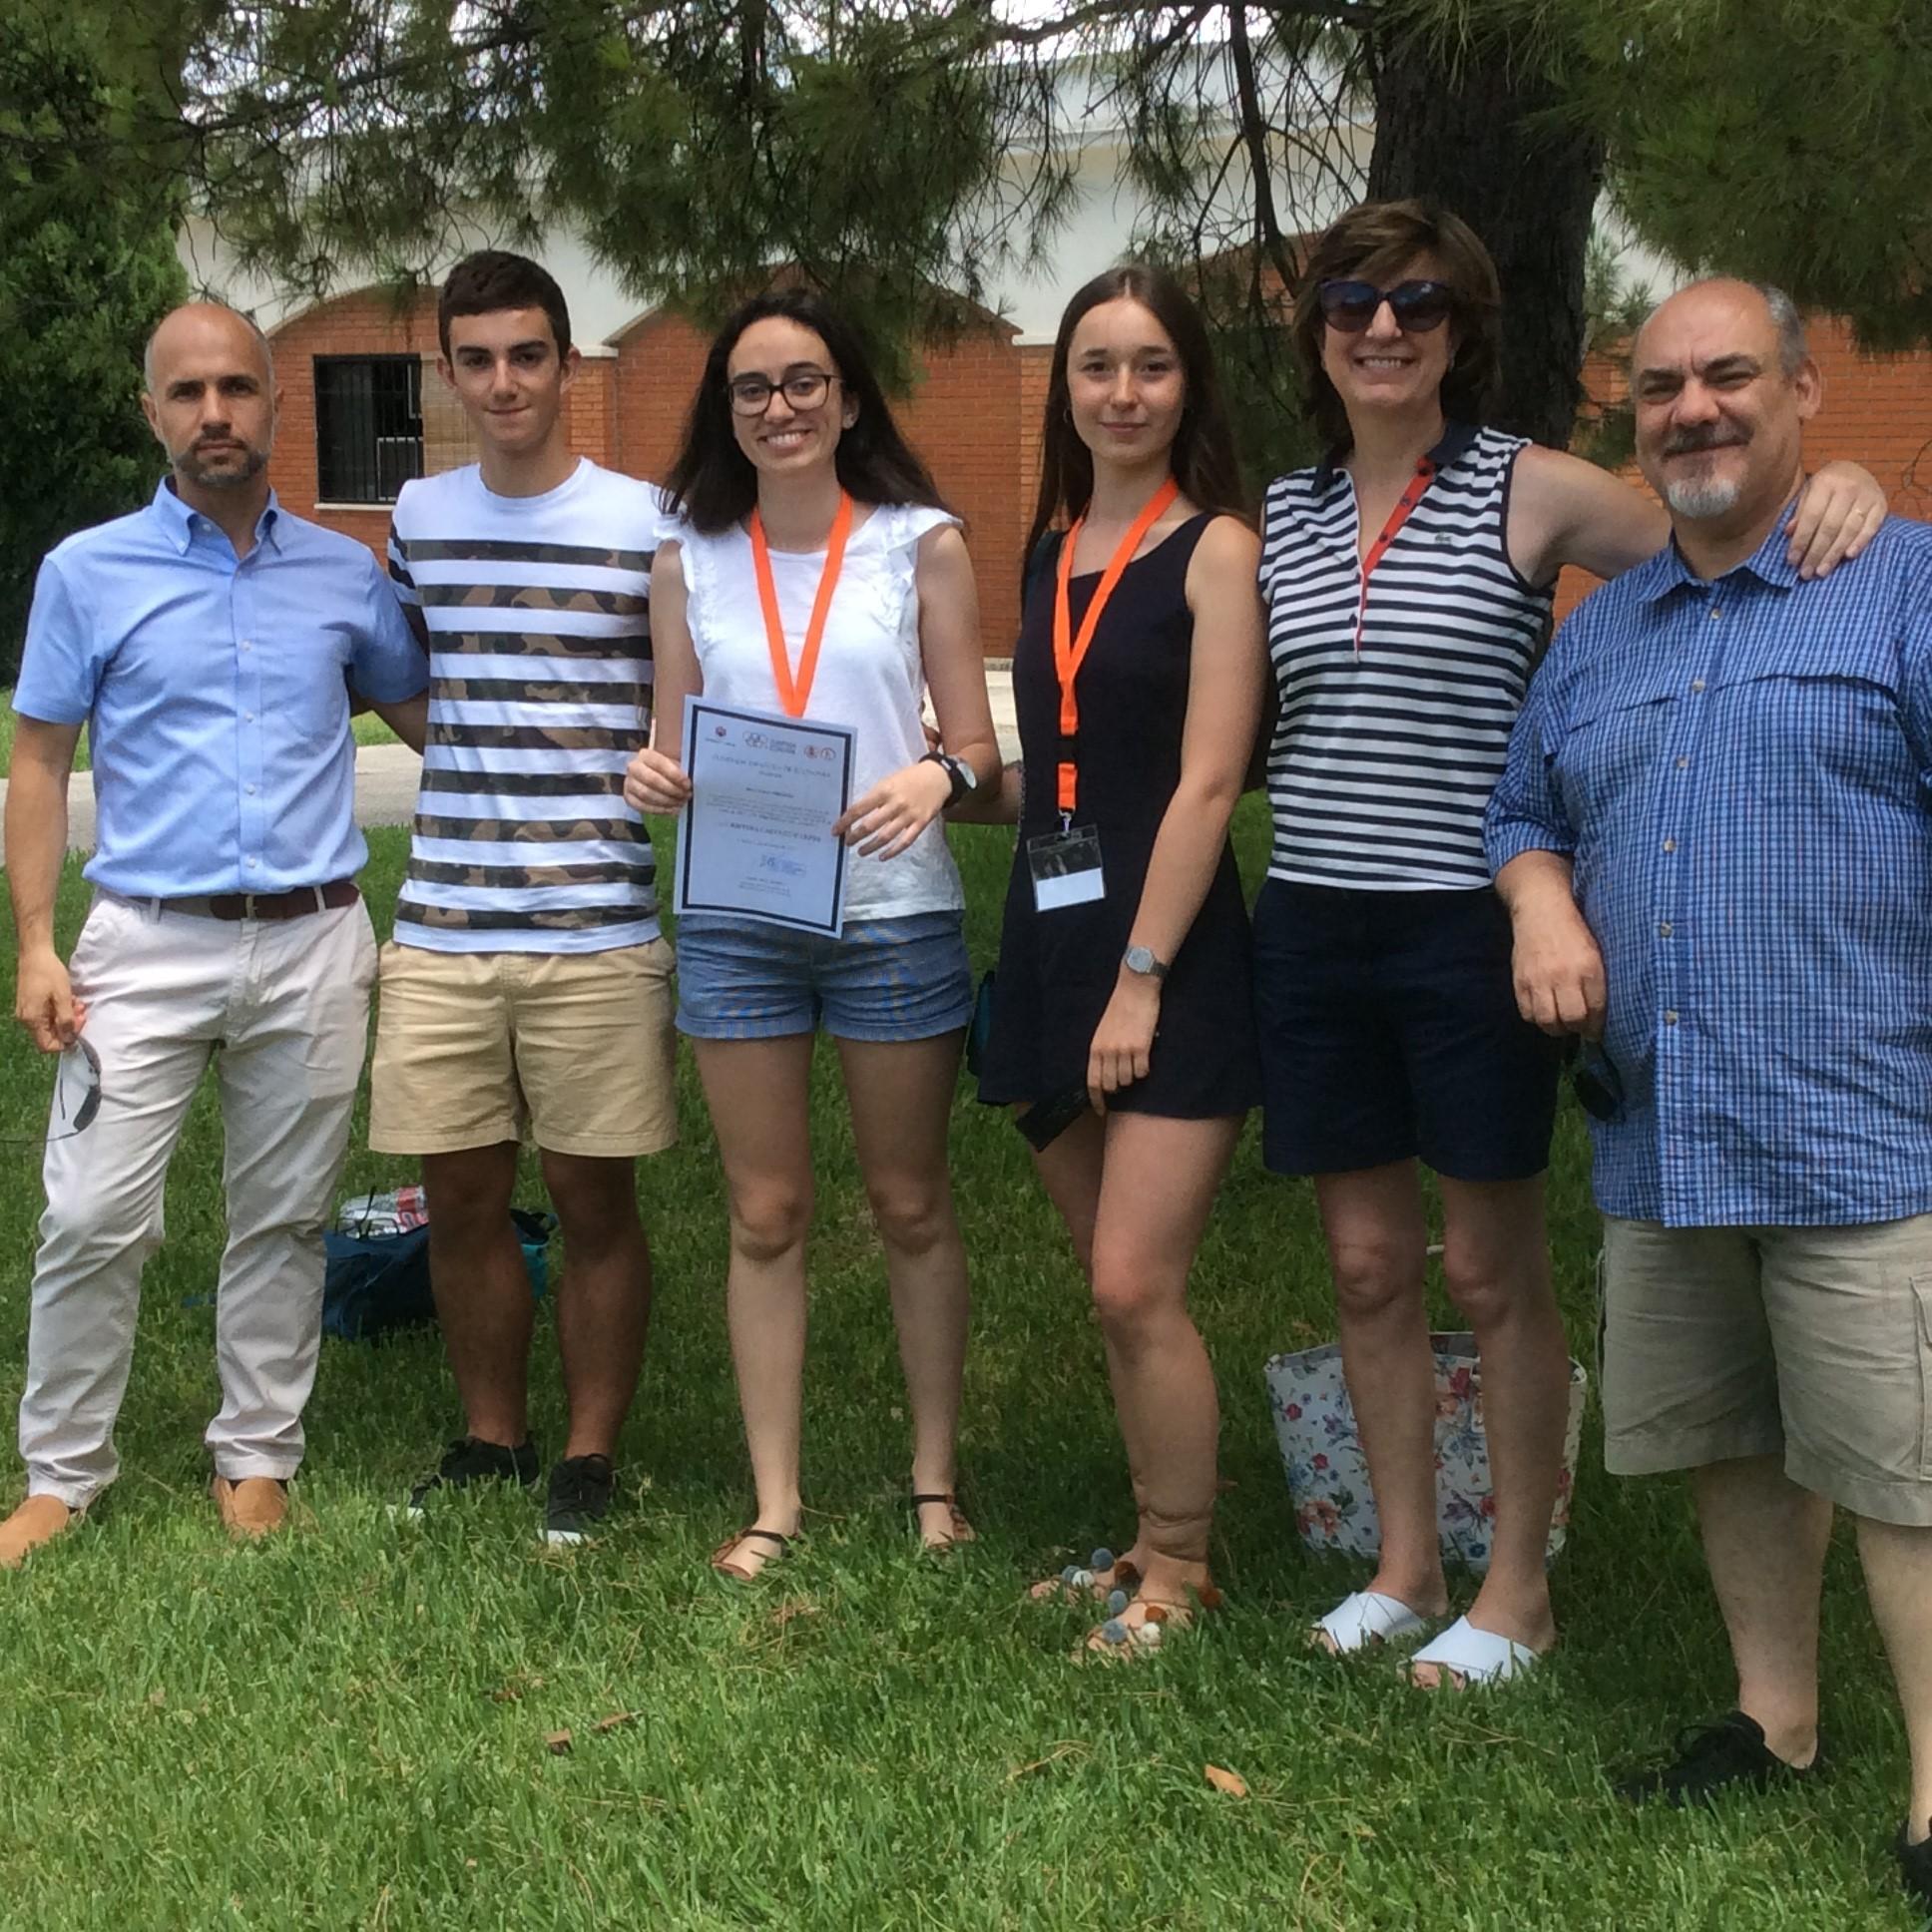 Tercer puesto para la Universidad de Salamanca en la IX Olimpiada Nacional de Economía celebrada en Córdoba